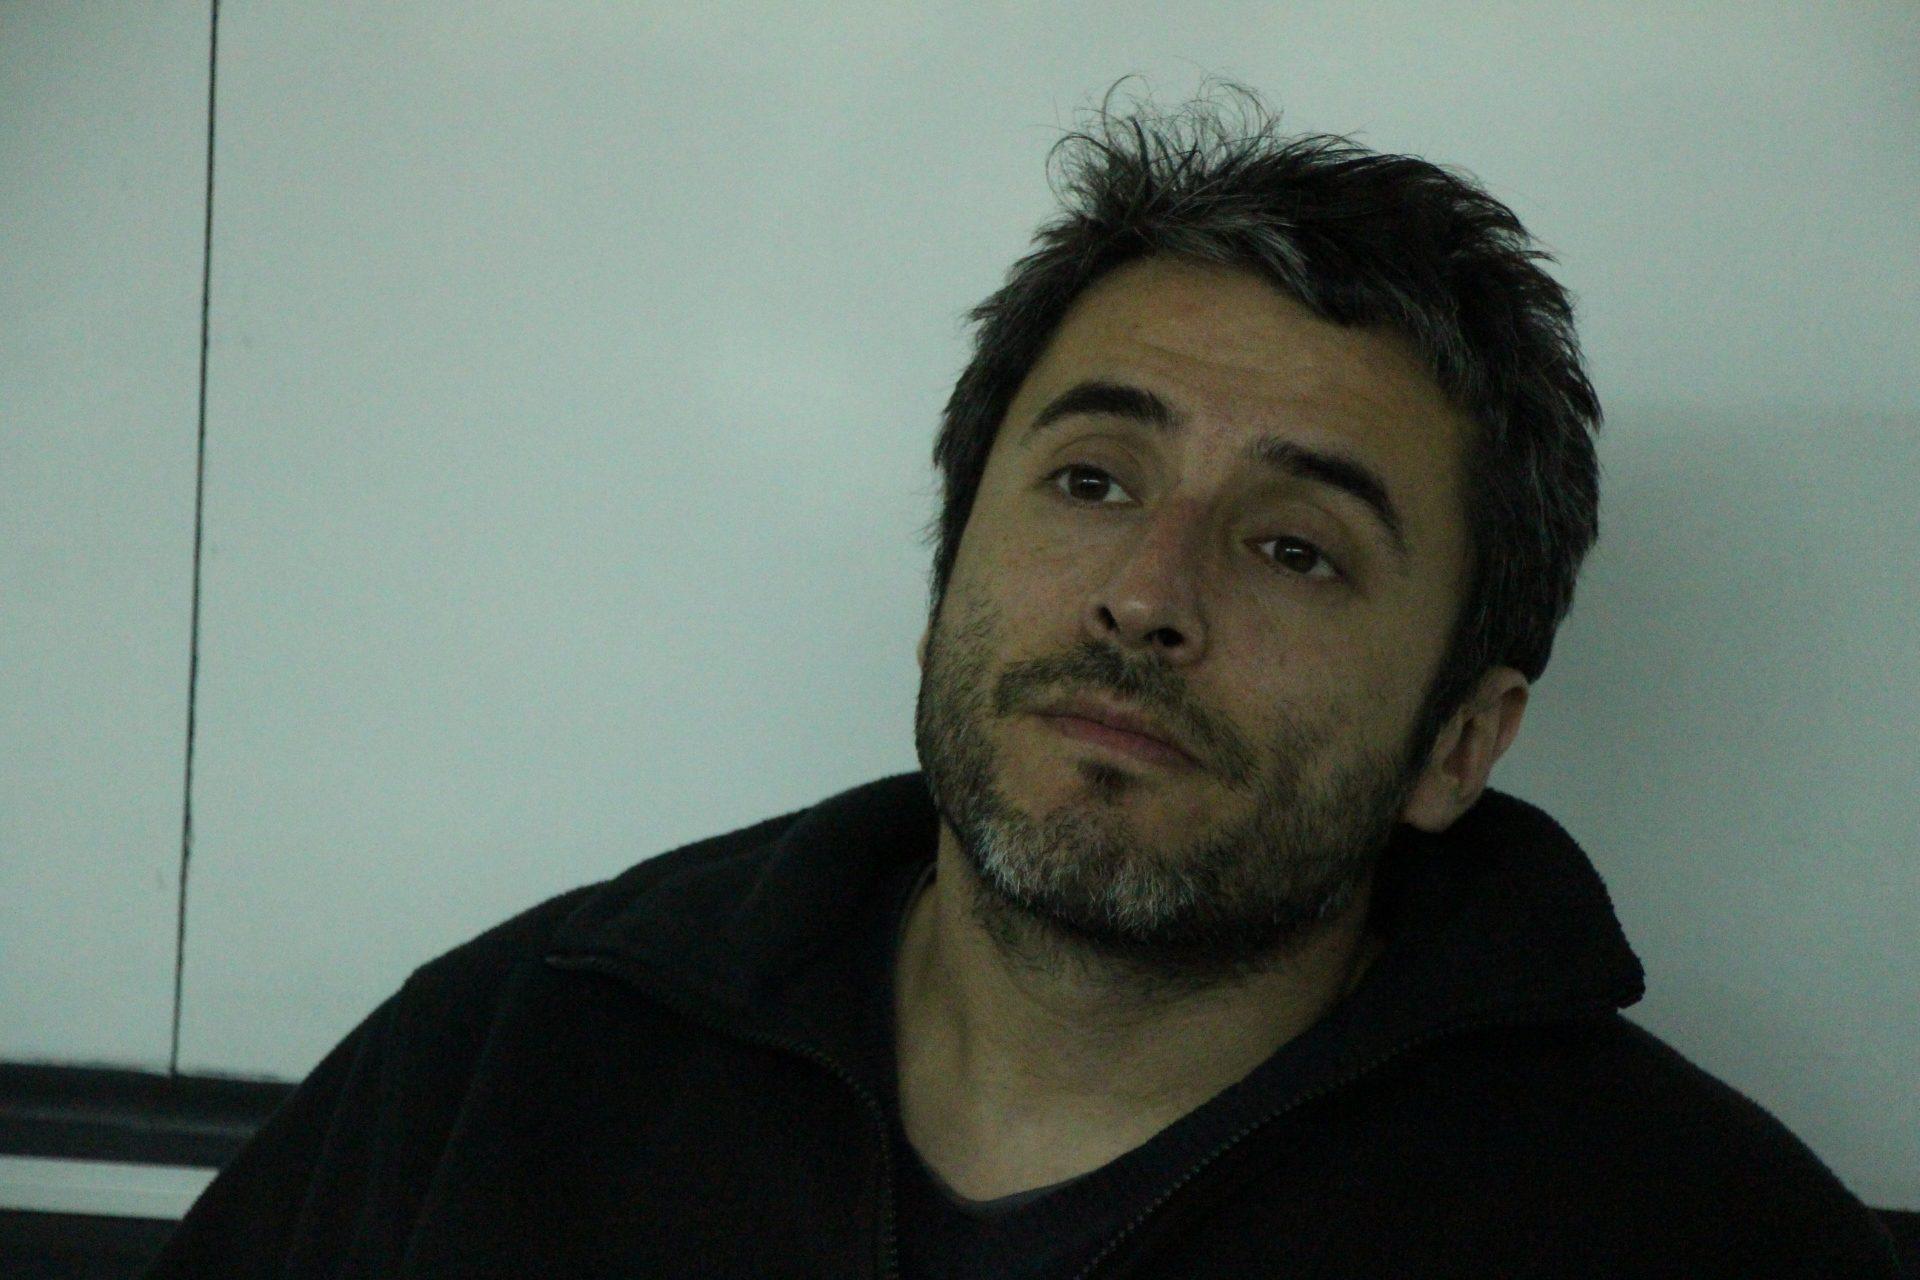 Periodista Javier Rebolledo ante inicio de juicio en su contra: «Aquí hay un amedrentamiento, está en juego la libertad de prensa»